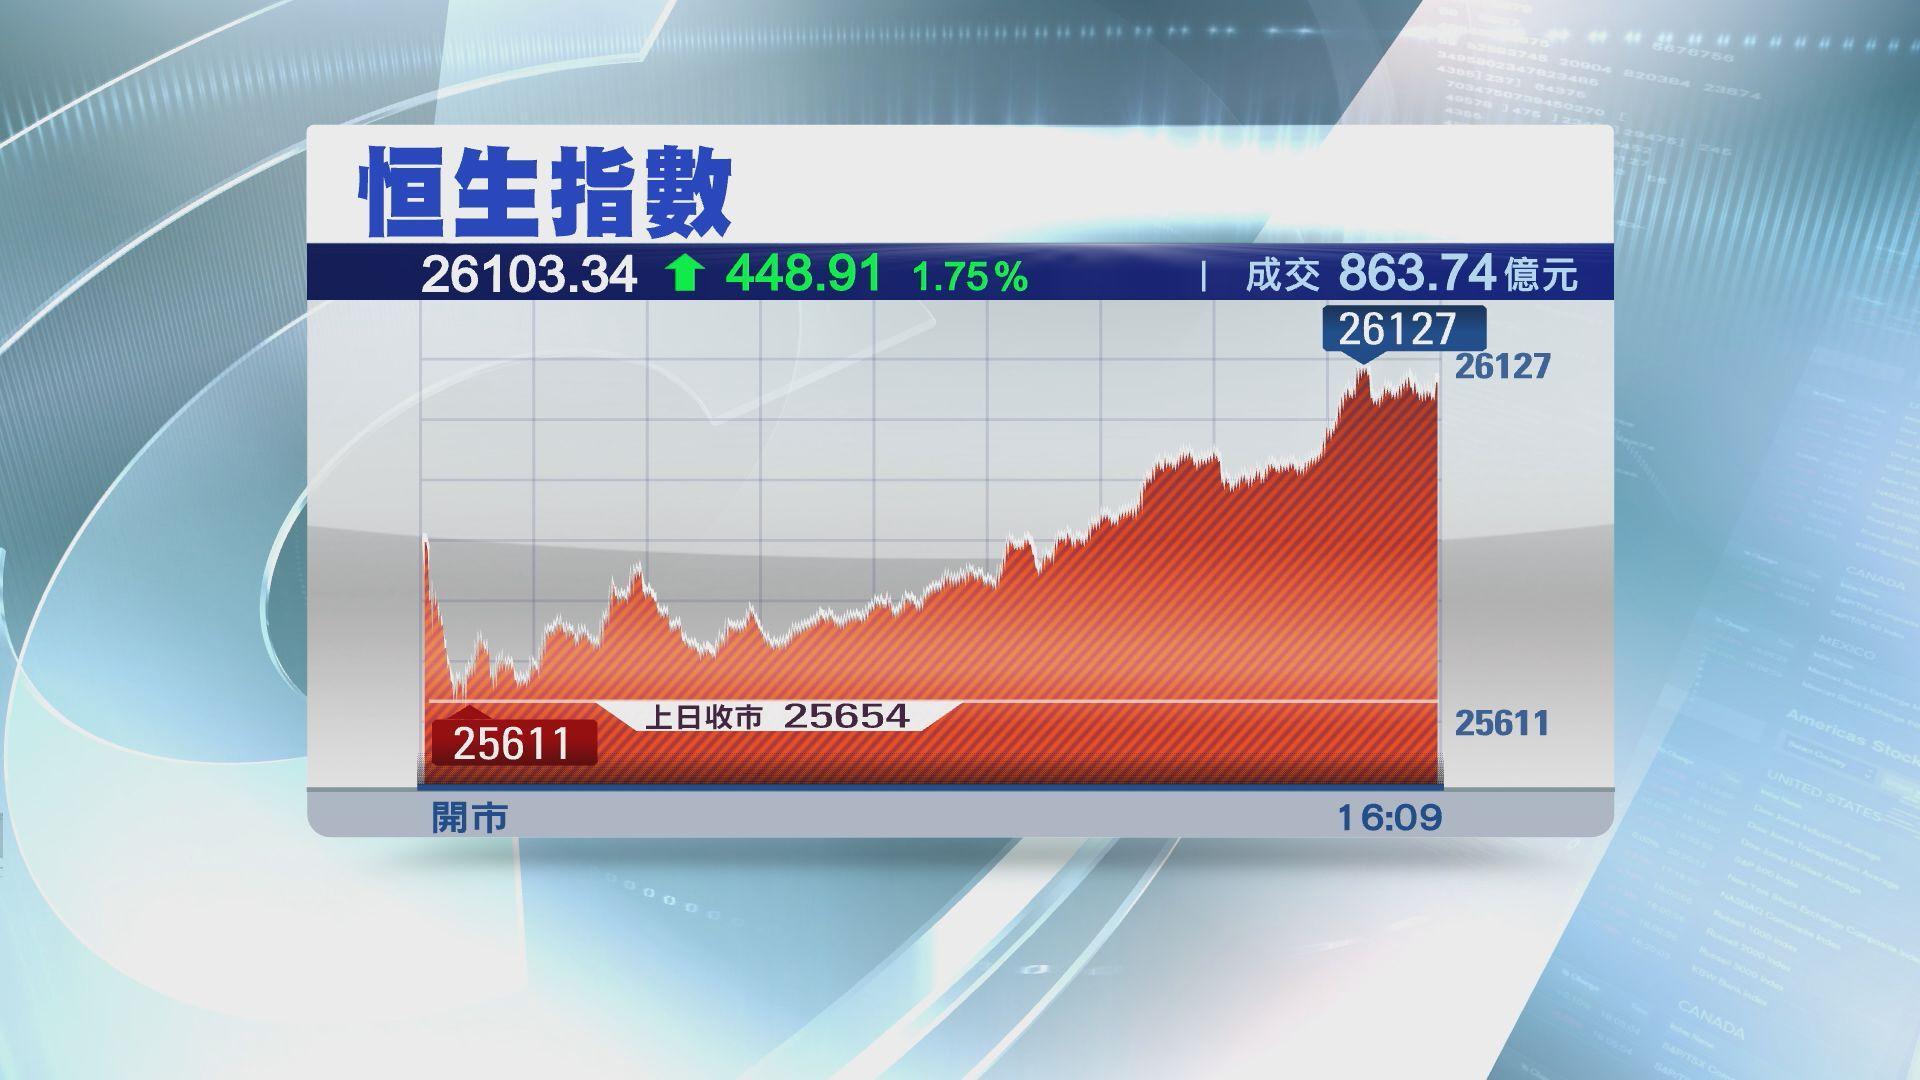 【股王發威】恒指重上26000 騰訊飆近6%